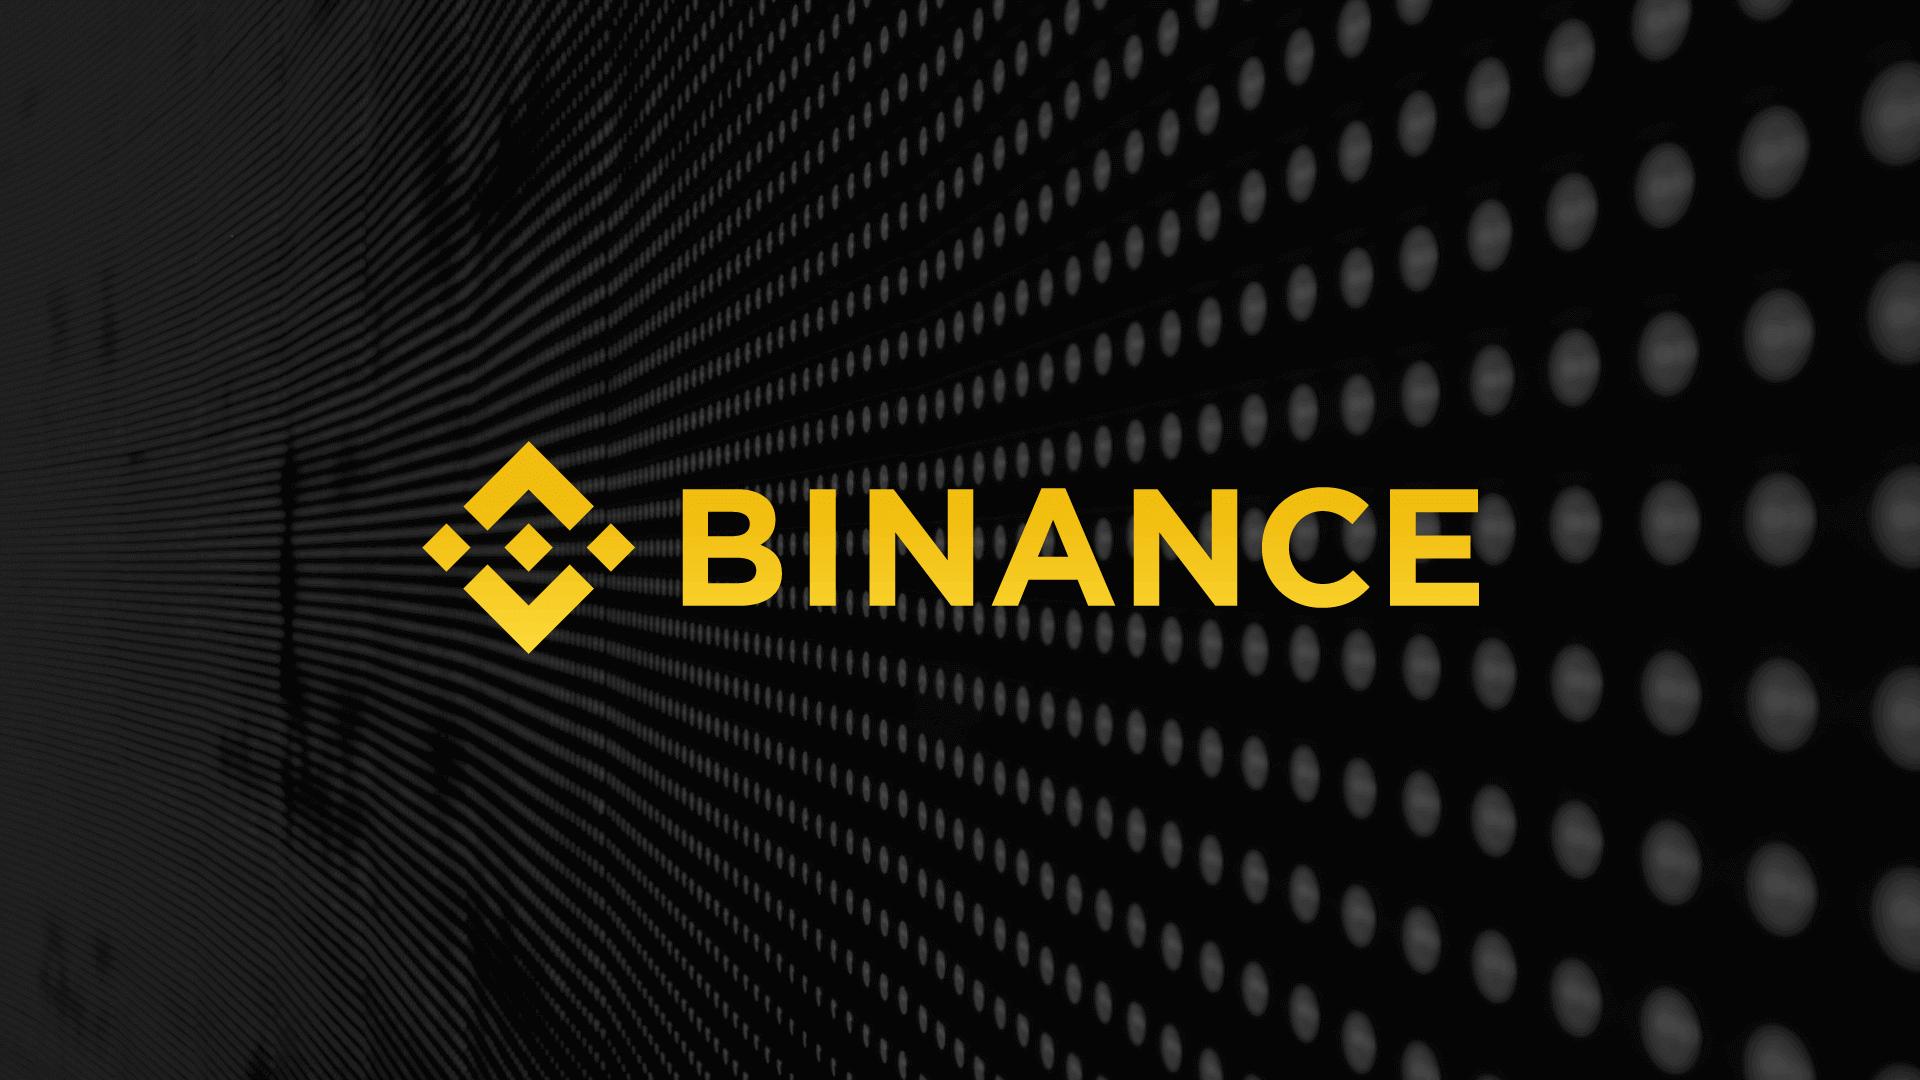 تداول العملات الرقمية Binance تفصح عن طريقة التصرف في أرباحها | أخبار البيتكوين